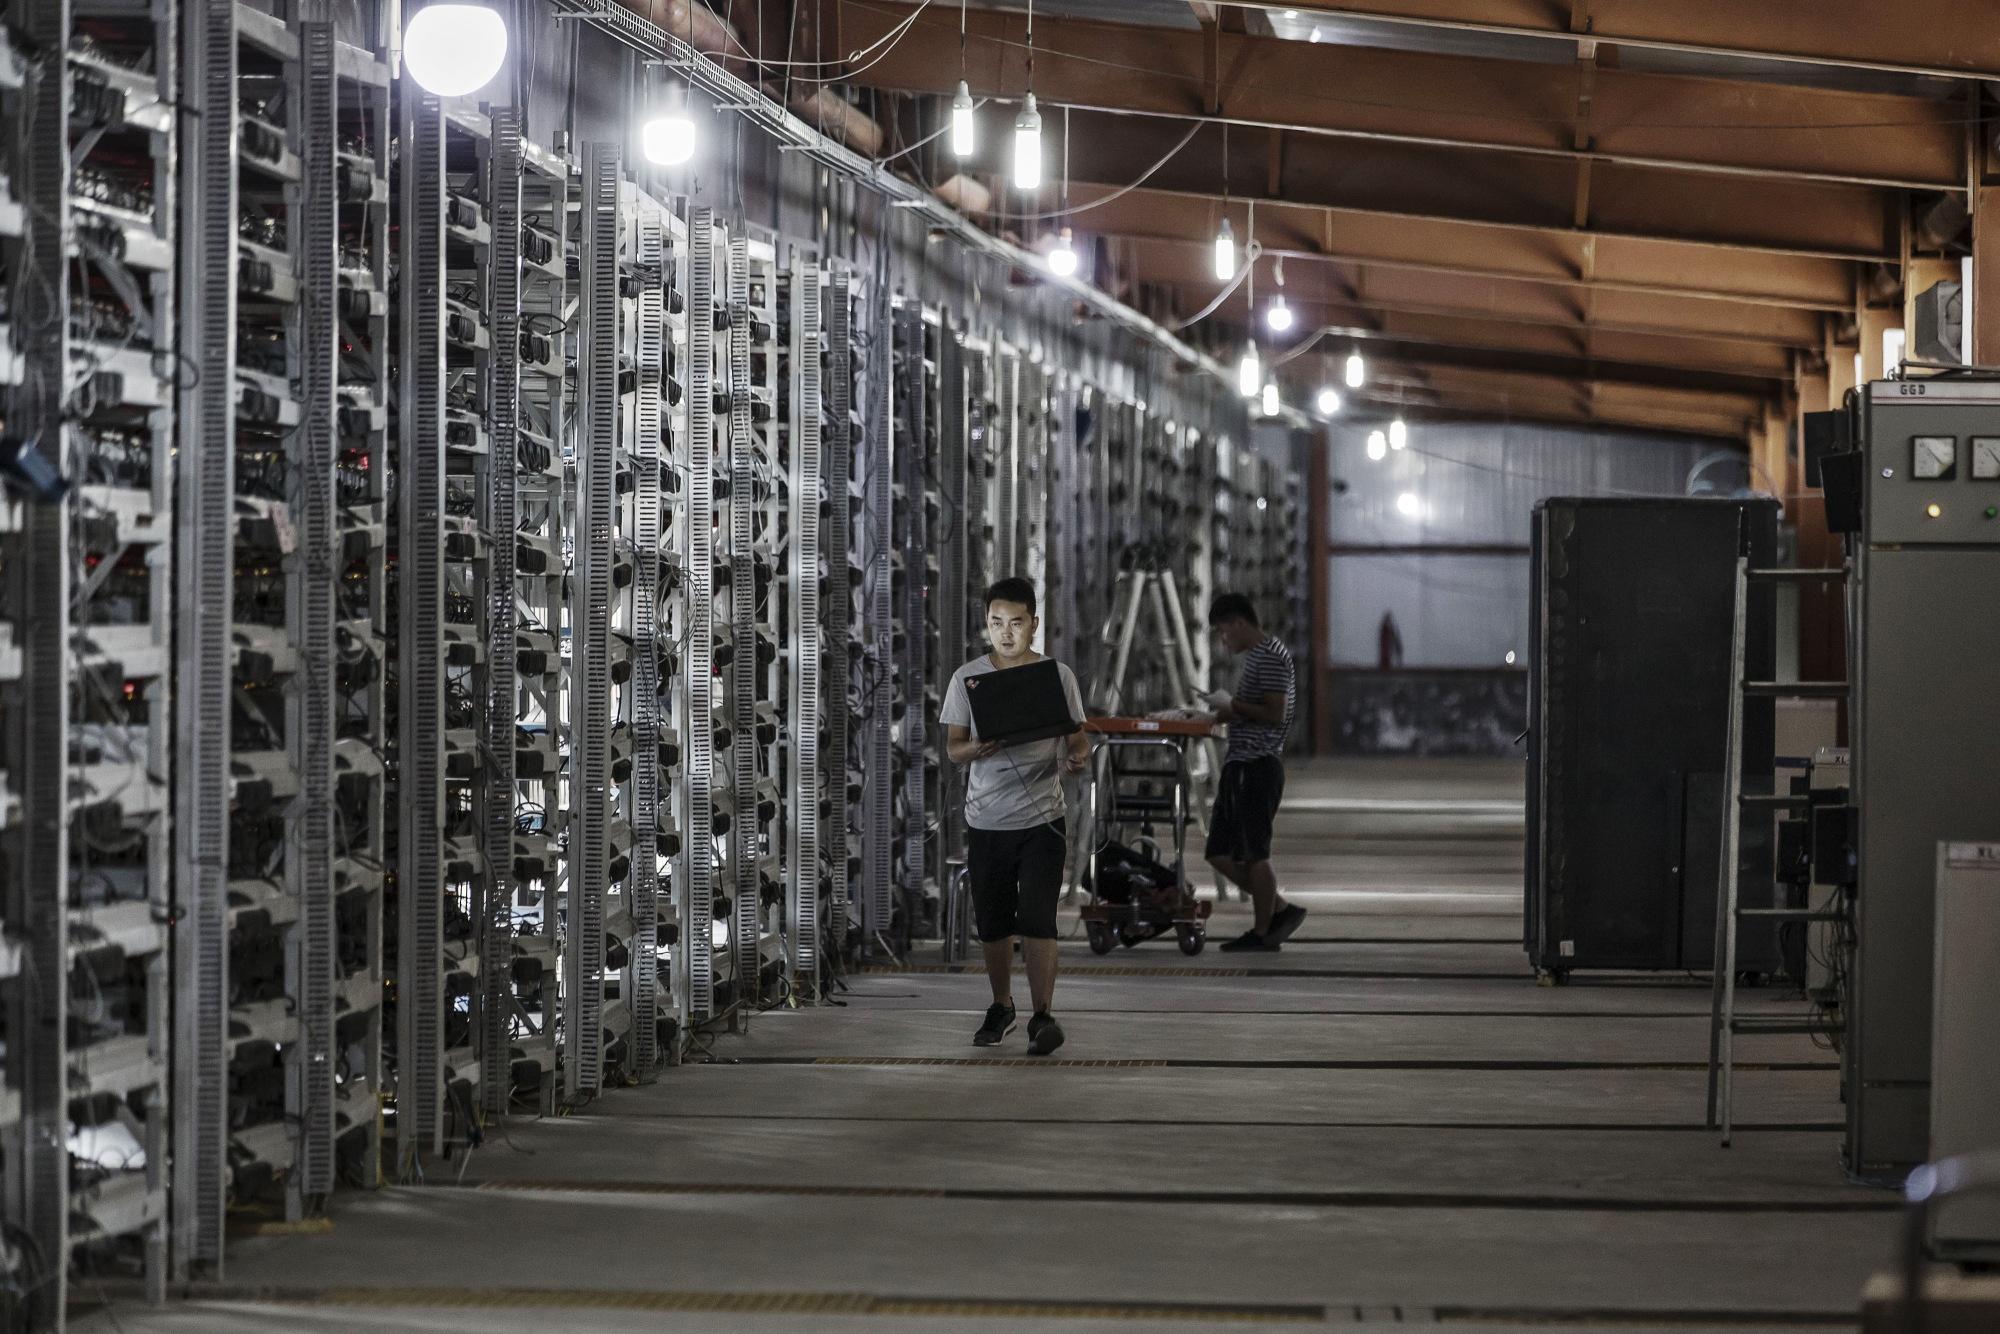 Sự cố giúp tìm ra điểm yếu chí mạng của Bitcoin - Ảnh 2.